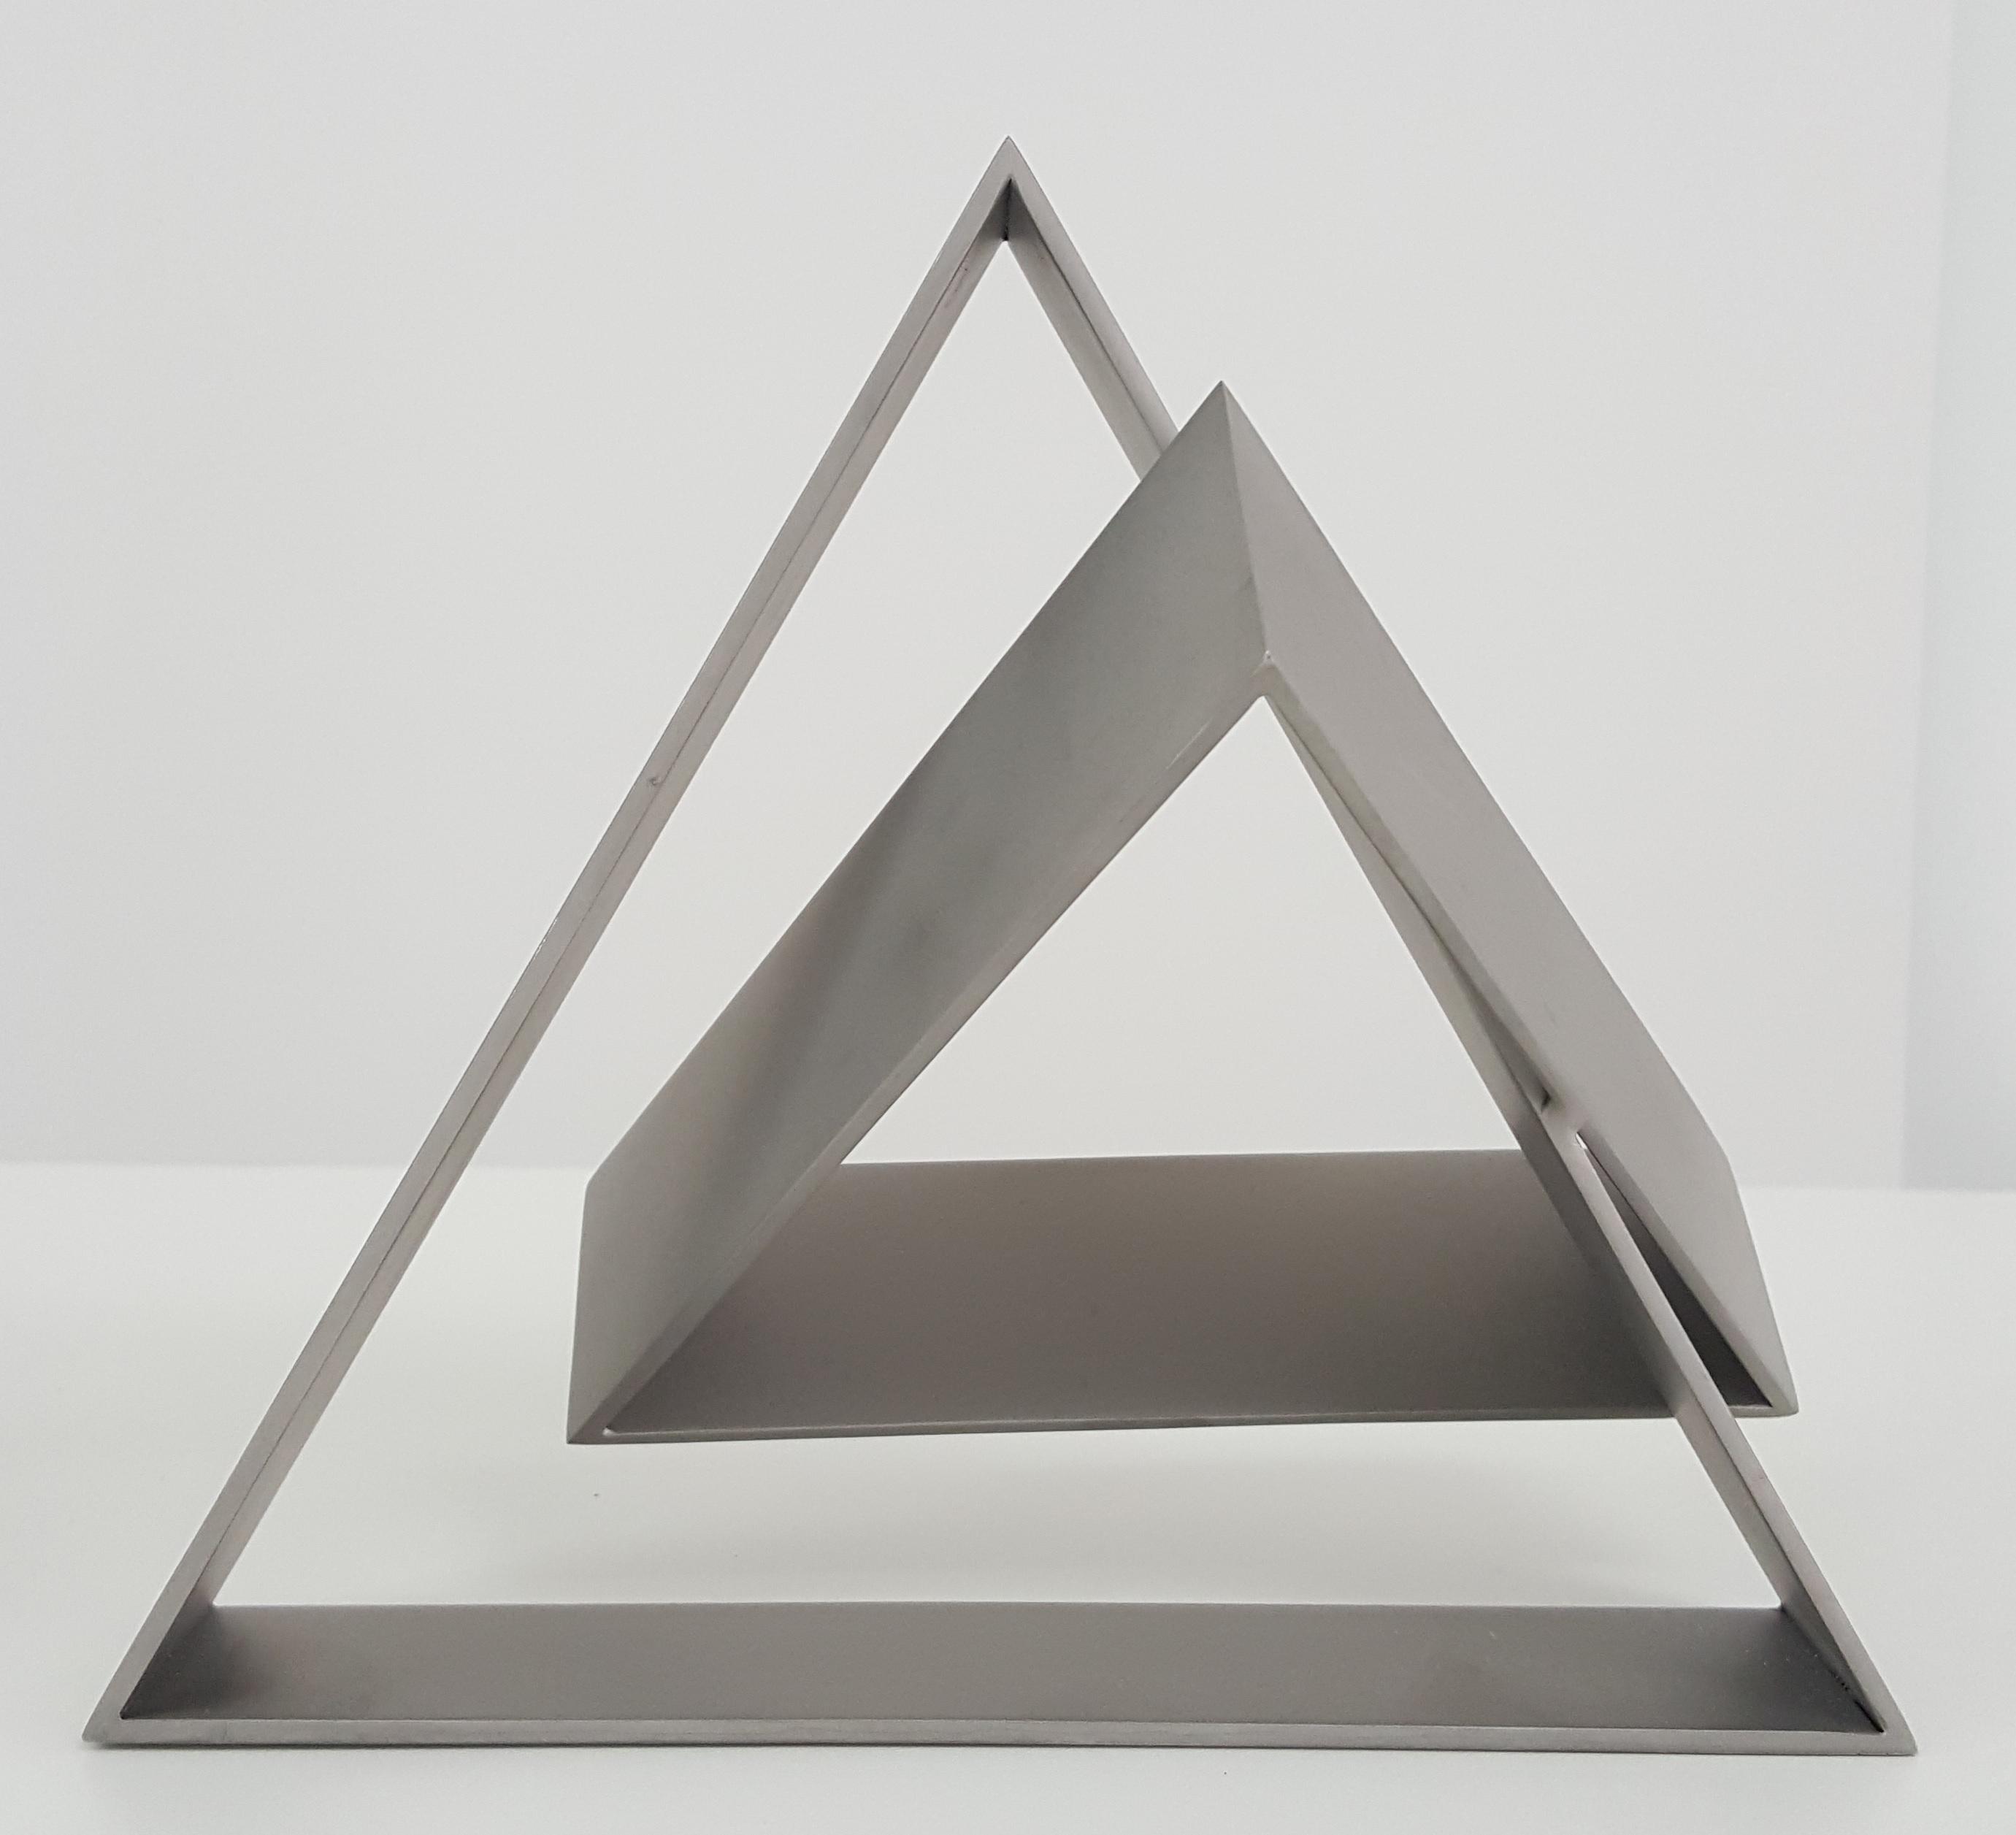 Sérvulo Esmeraldo, Sem Título, Escultura em aço inox polimento acetinado, 17,5 x 12,5 x 20 cm, 2015.